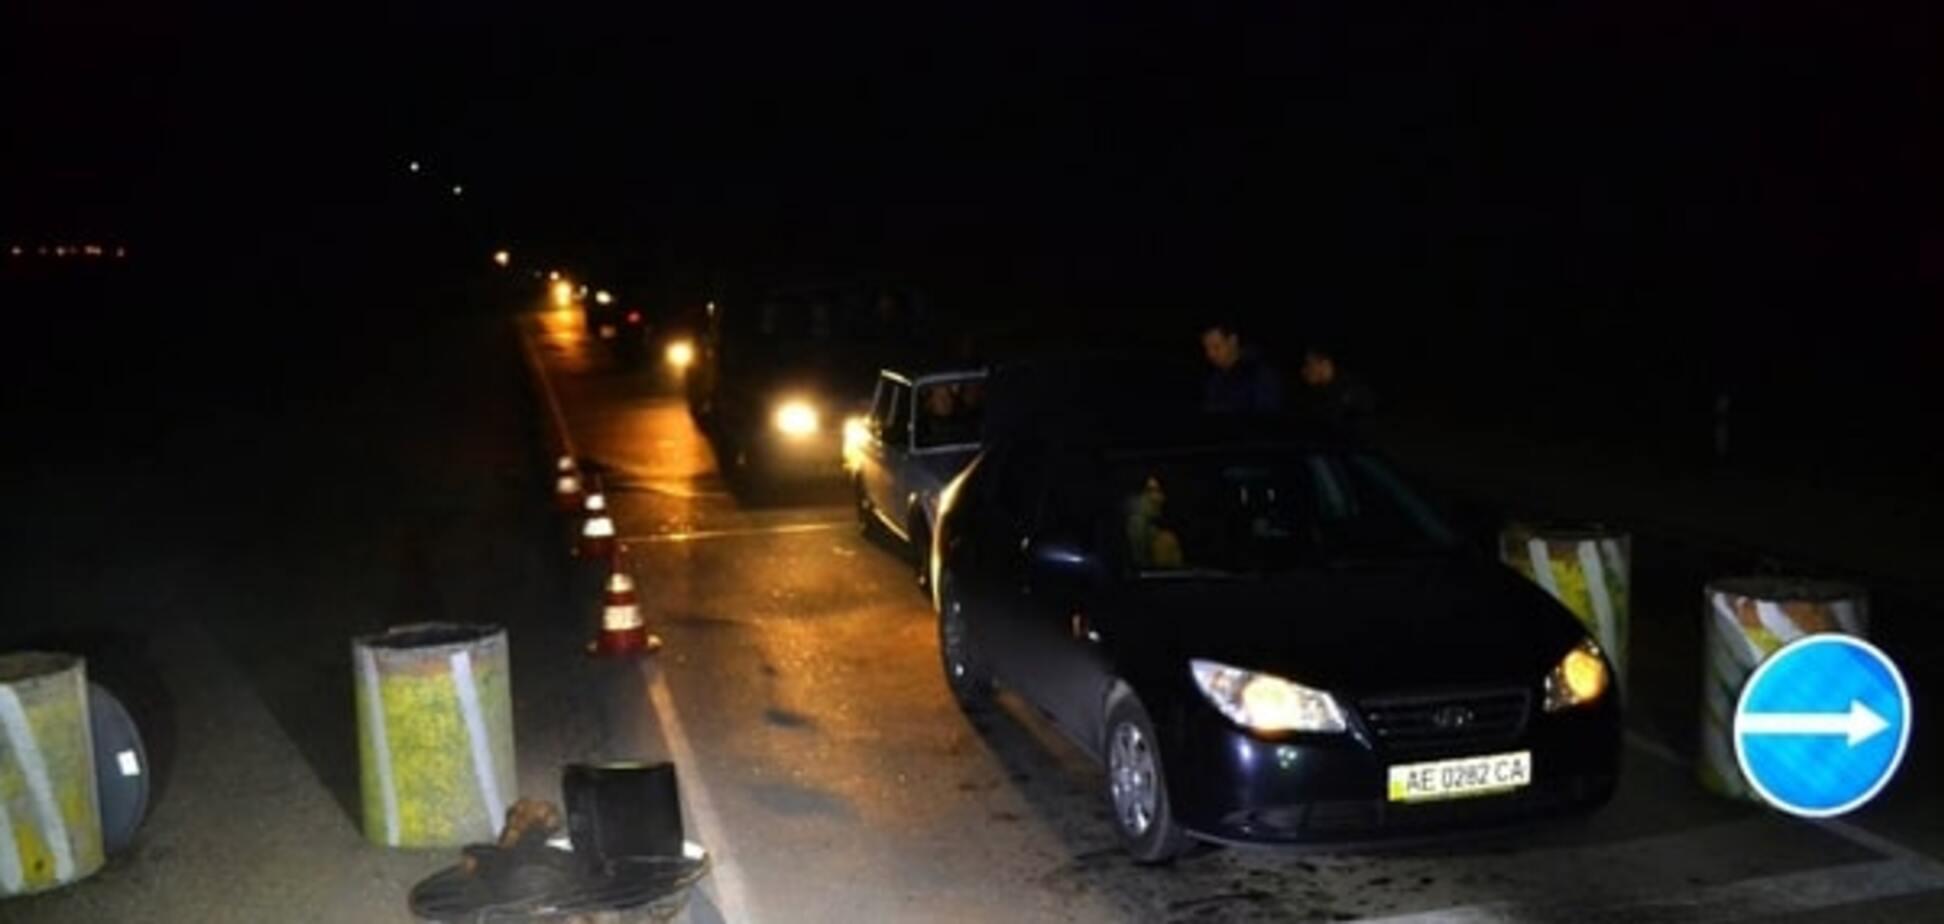 Блокада Крыма: люди начали массово покидать оккупированный полуостров. Опубликованы фото